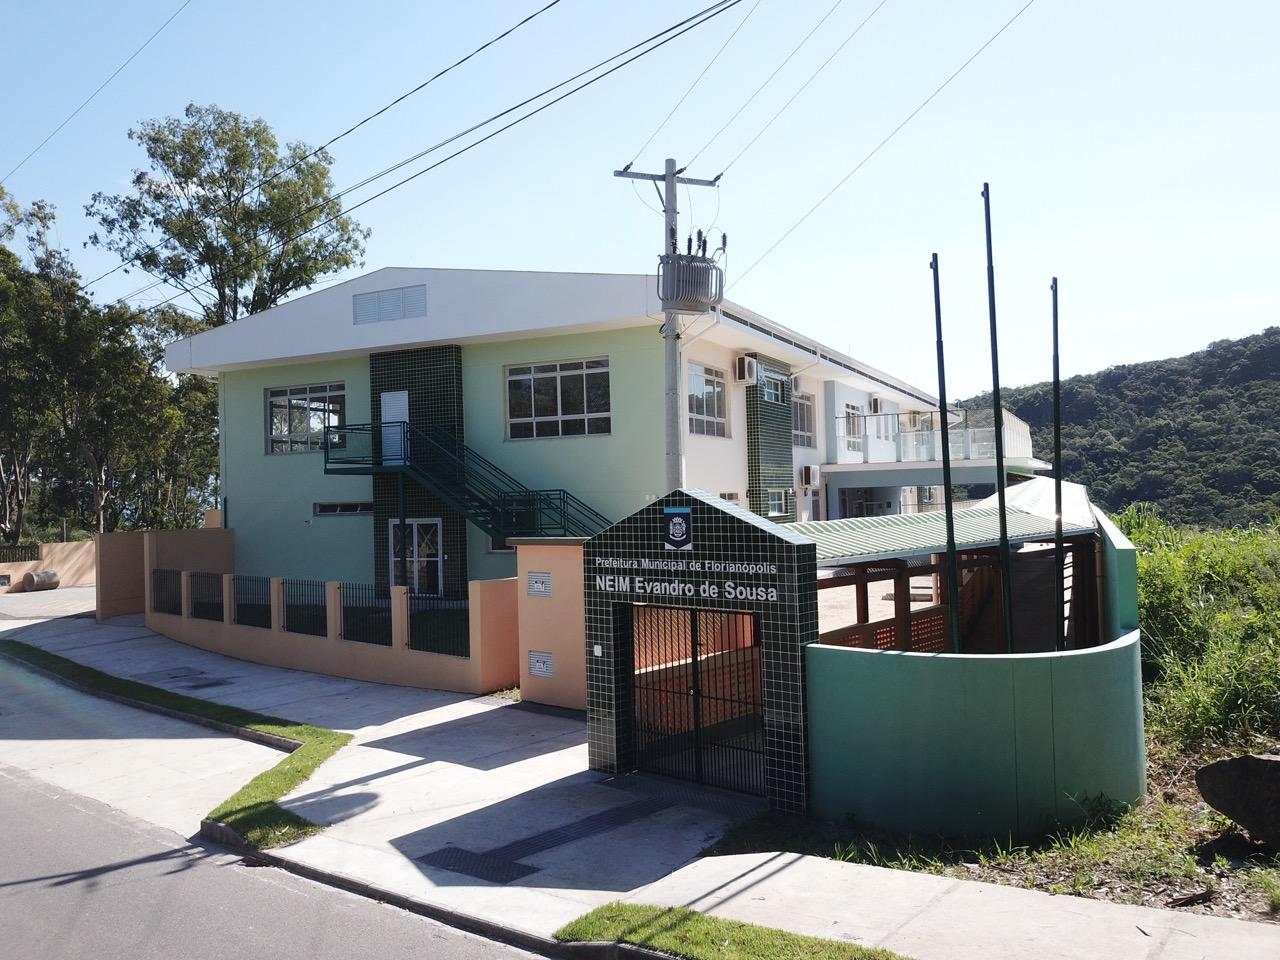 Vaga na Educação: Prefeitura de Florianópolis quase zera fila de espera na educação infantil